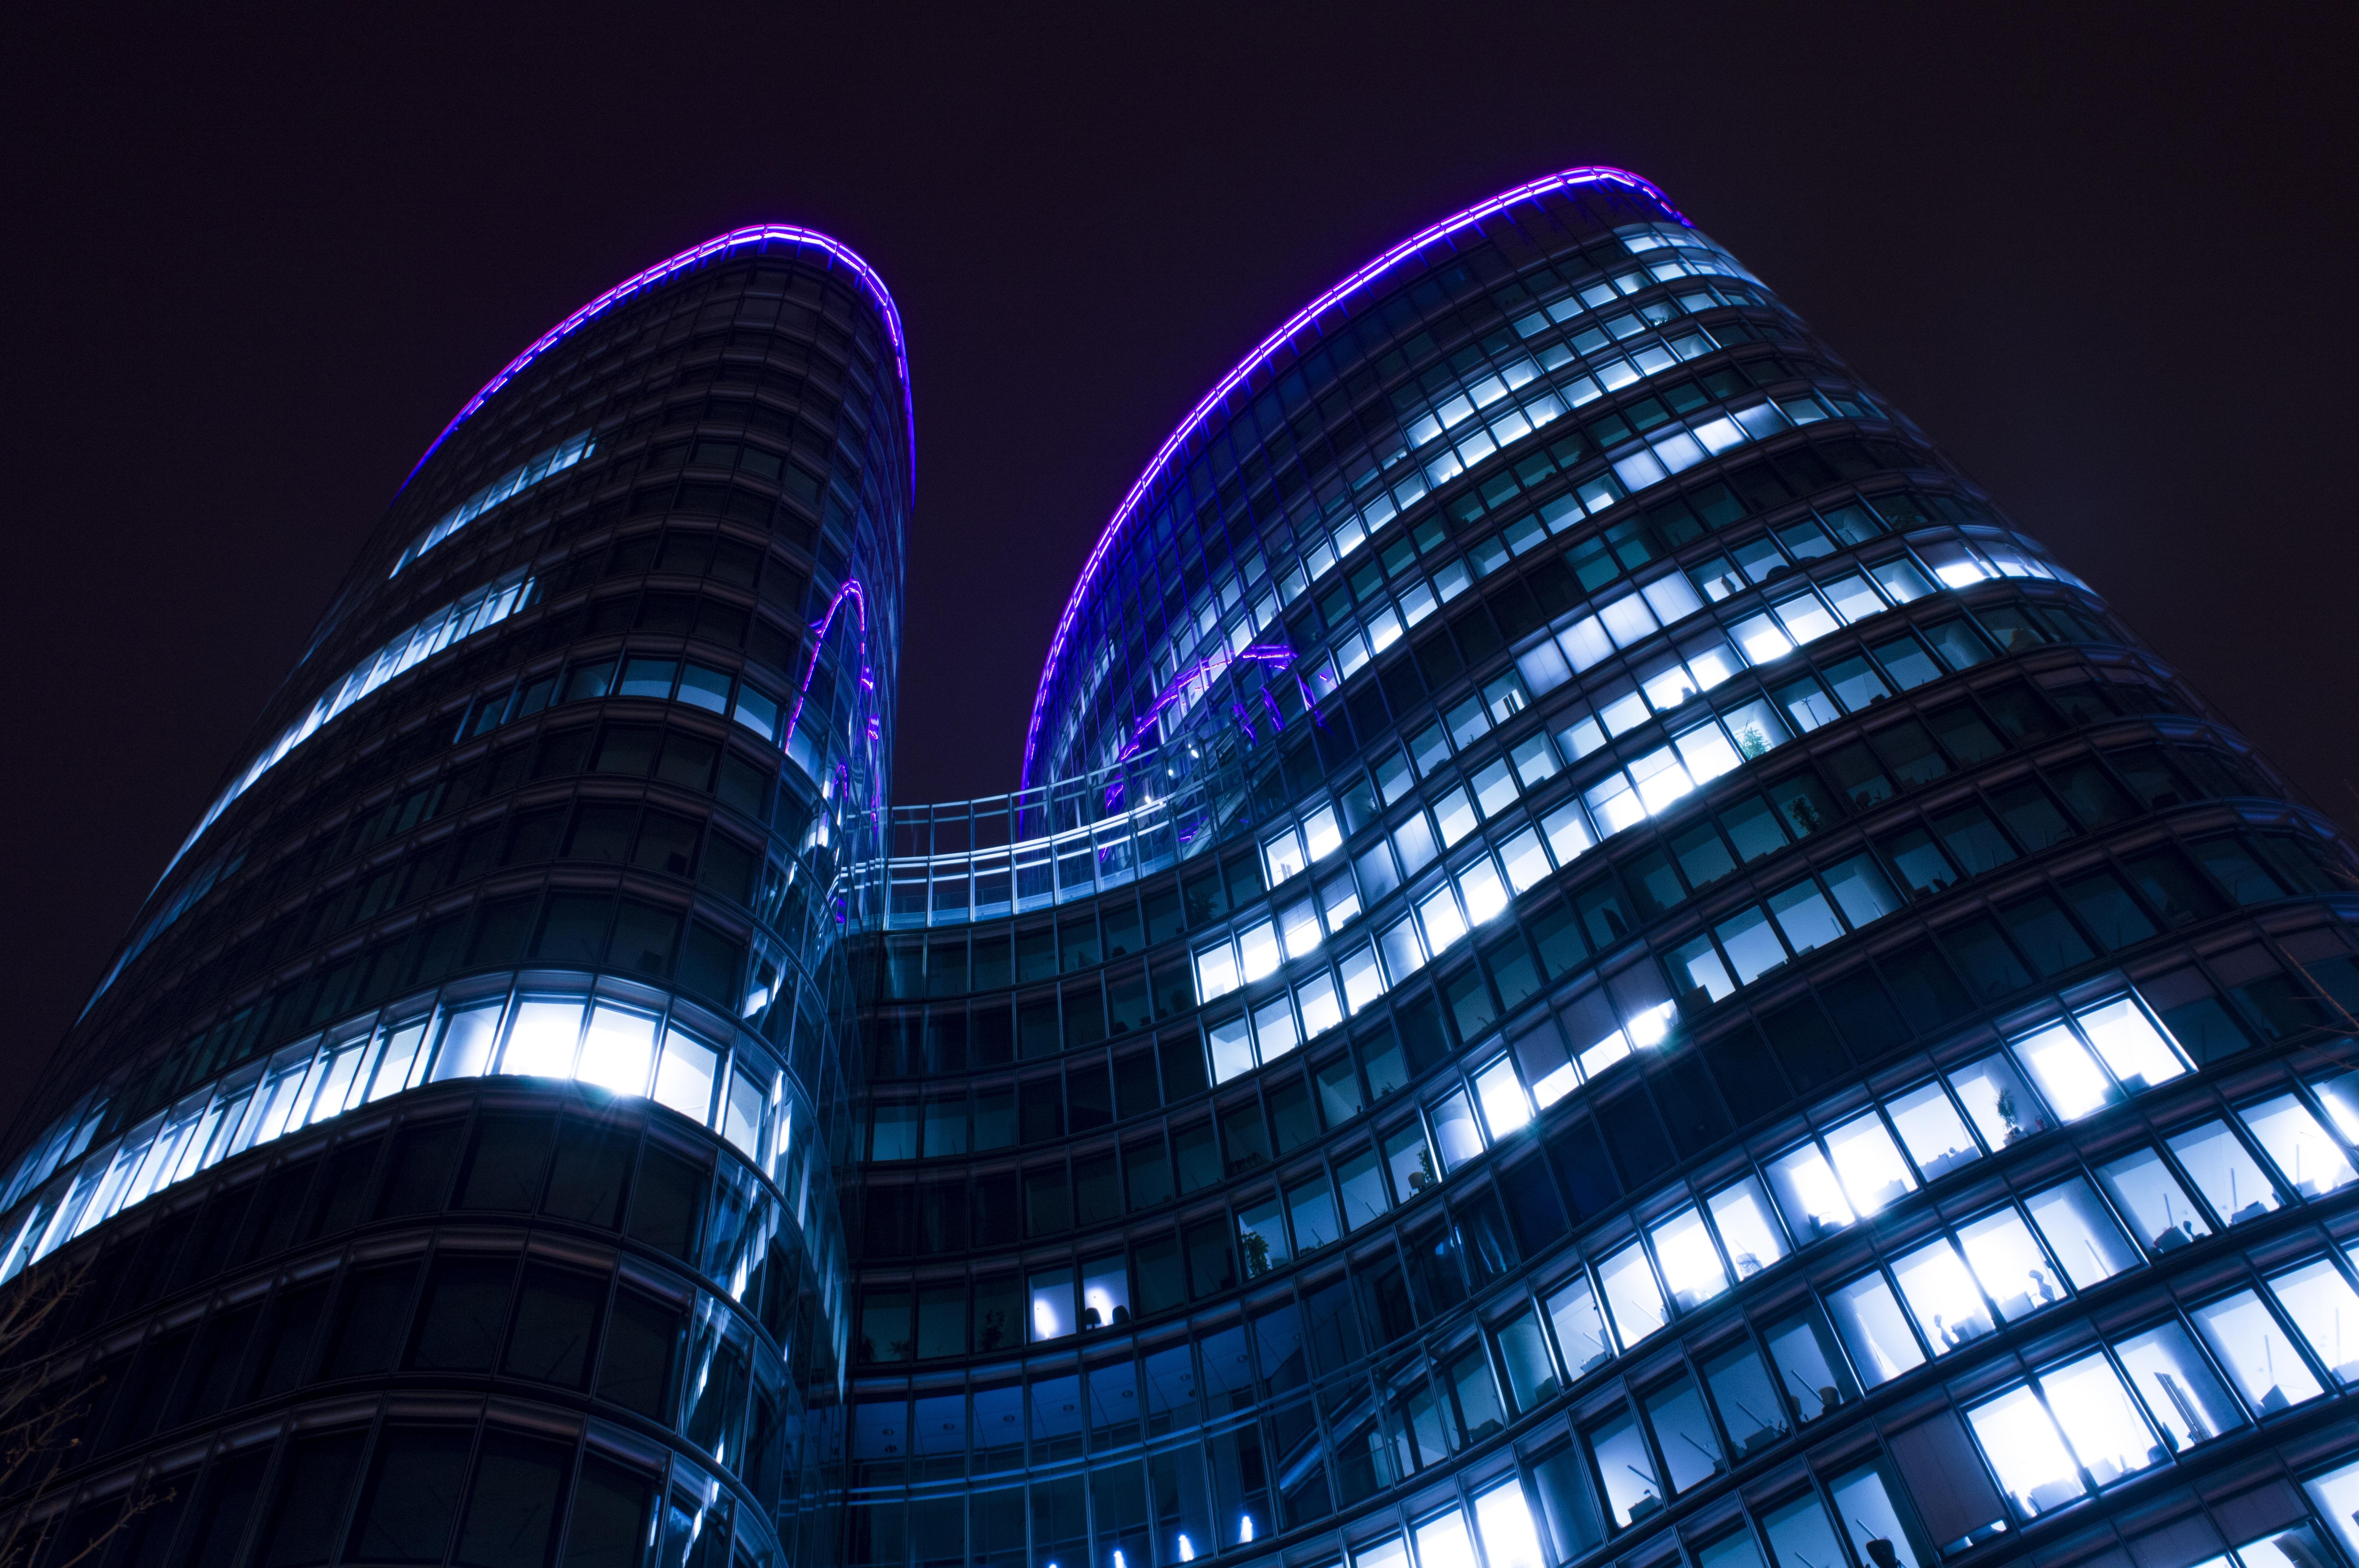 Immagini belle leggero architettura cielo notte - La finestra viola ...